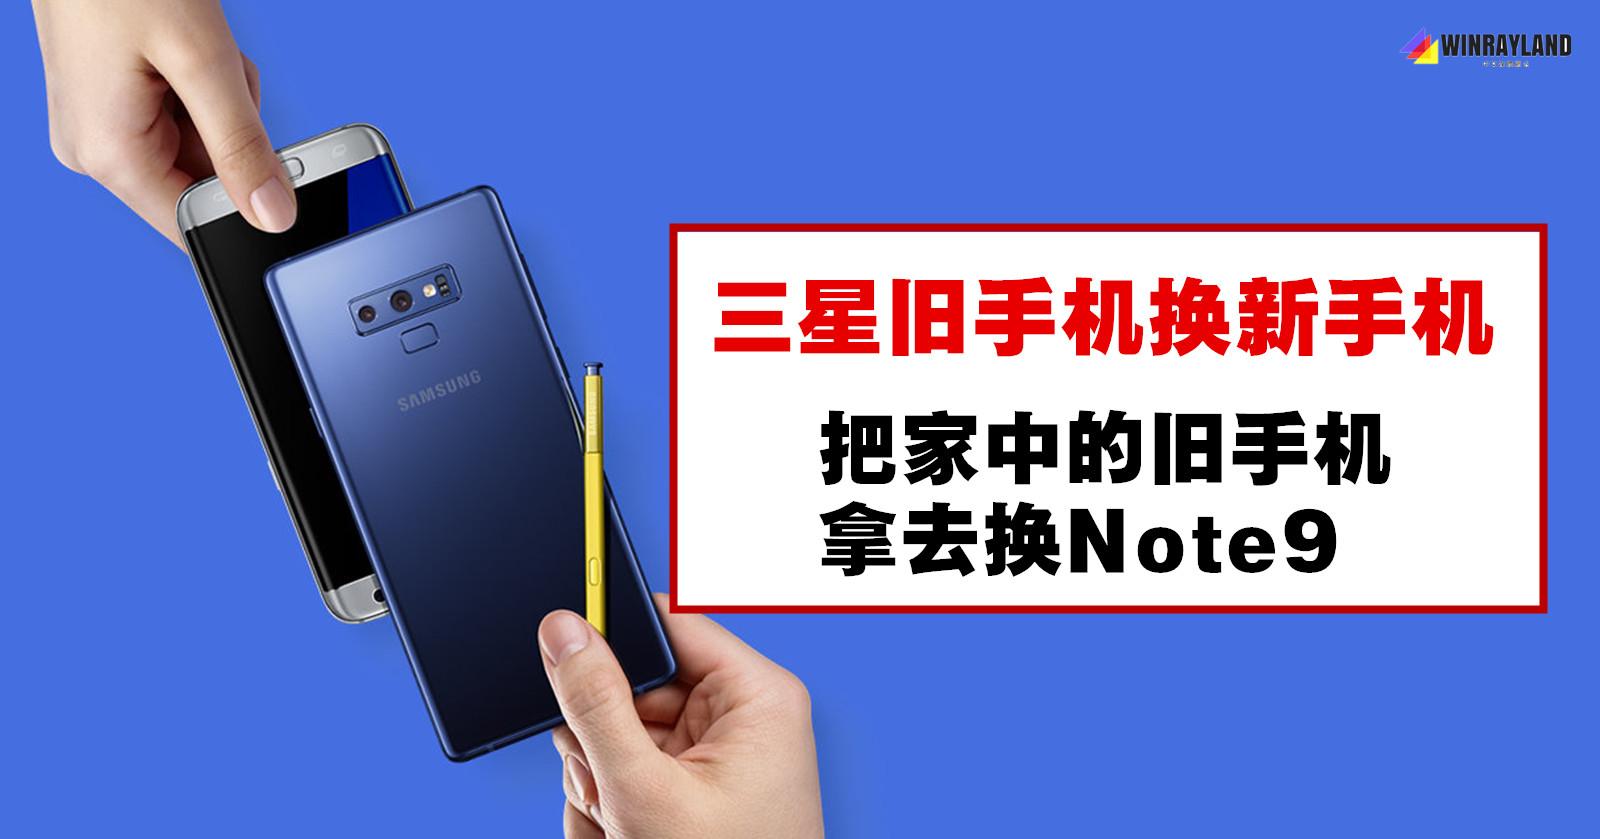 三星推出旧手机换新手机优惠